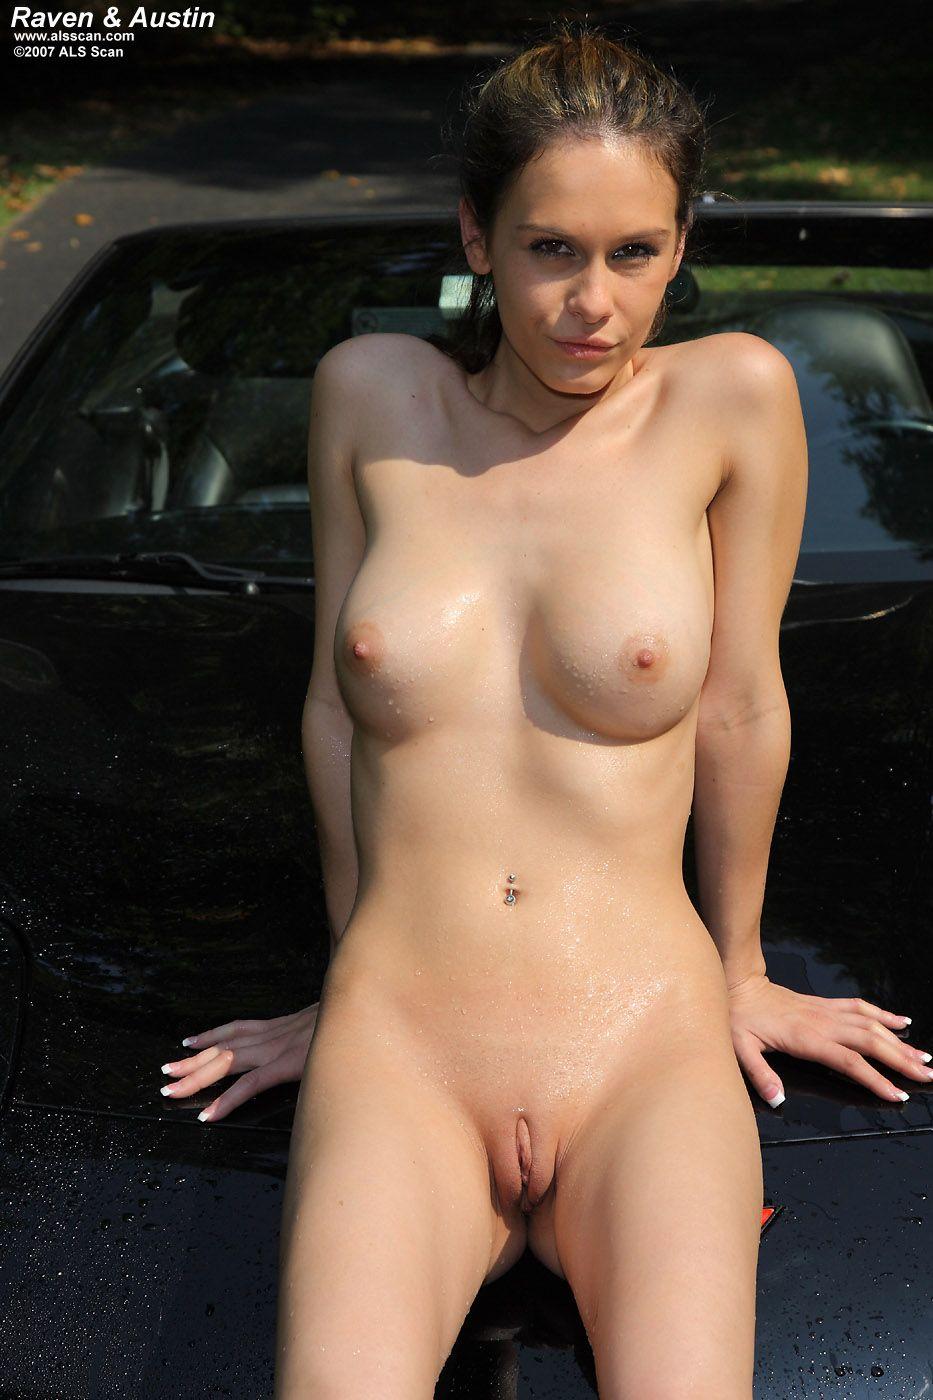 Сладкие мойщицы машин Mia Melbourne и Austin Reines занимаются лесби сексом